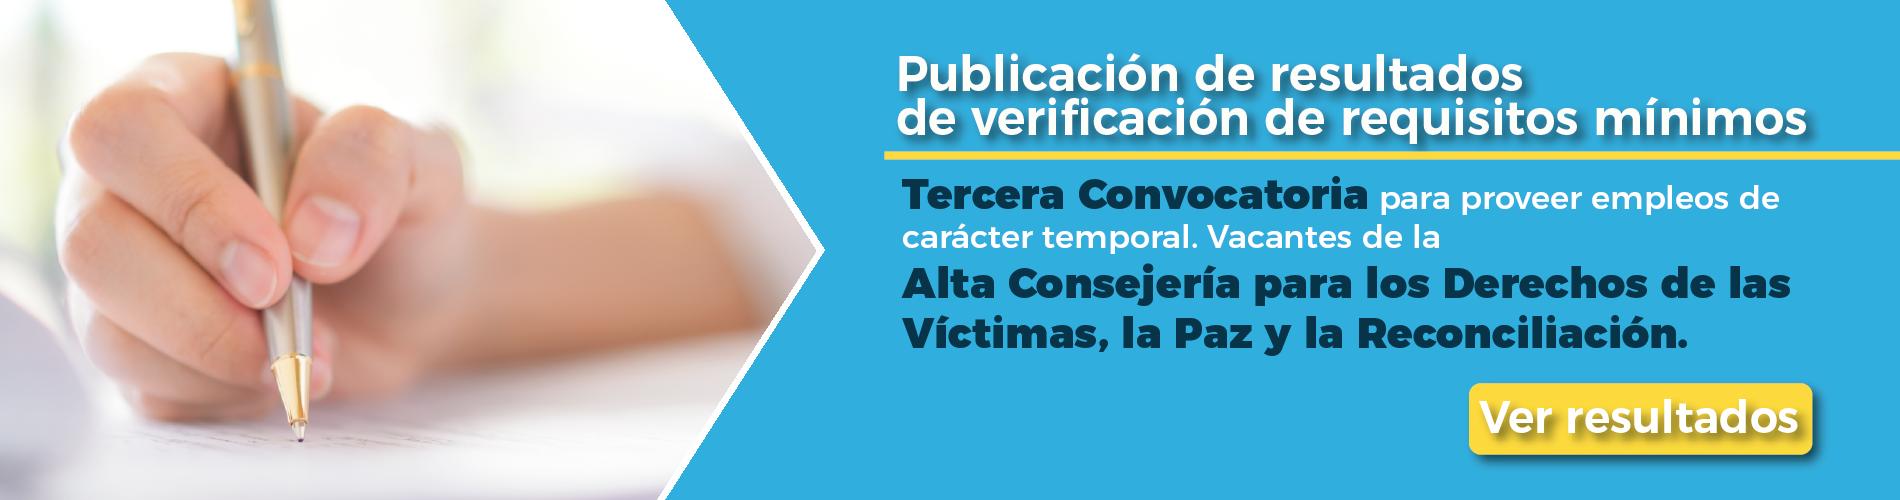 Tercera convocatoria ACDVPR 2018 - Admitidos